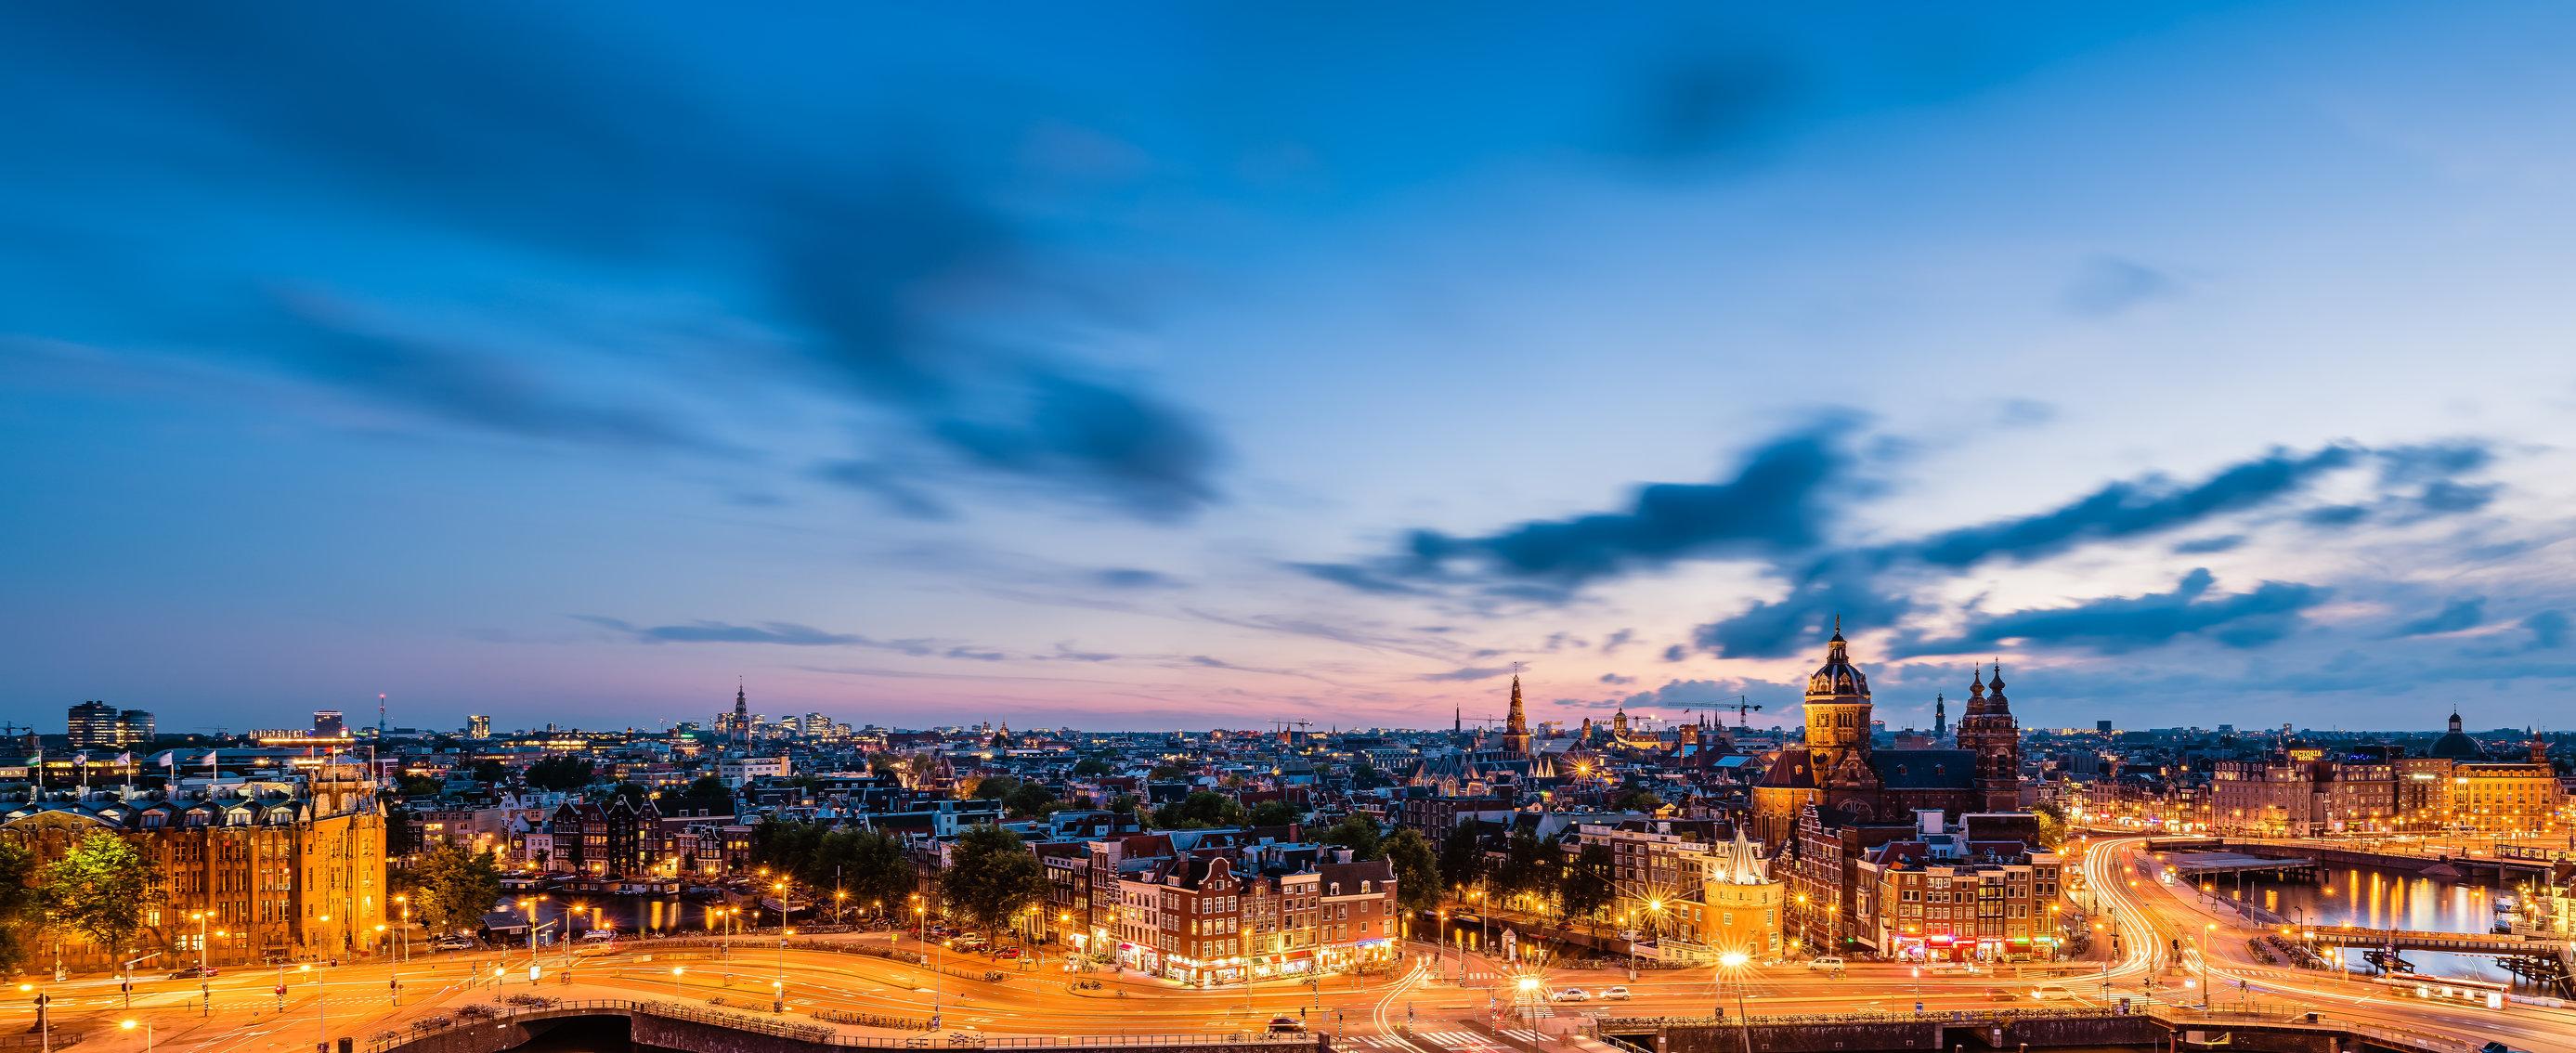 Uitzicht op Historisch Amsterdam, deze foto is een best seller op Werk aan de muur.